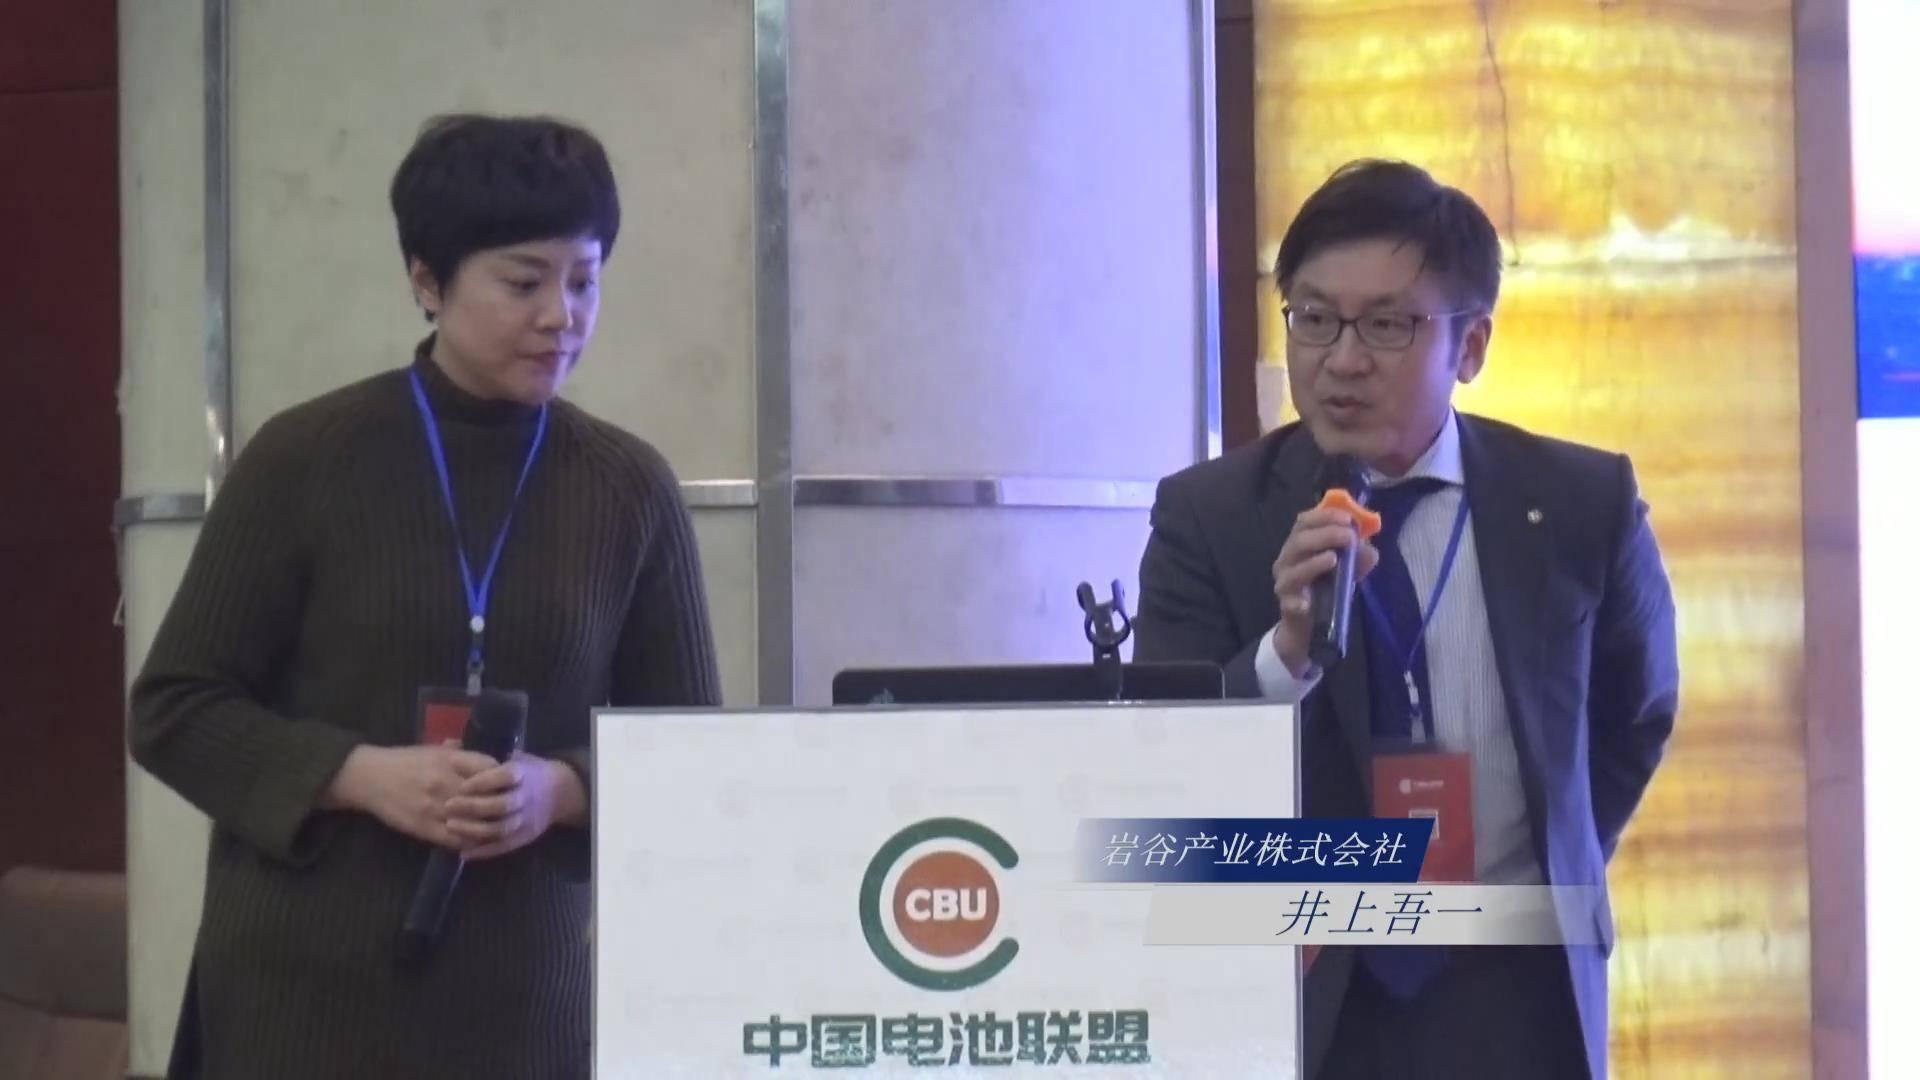 井上 吾一:国内外加氢站建设与运营现状分析